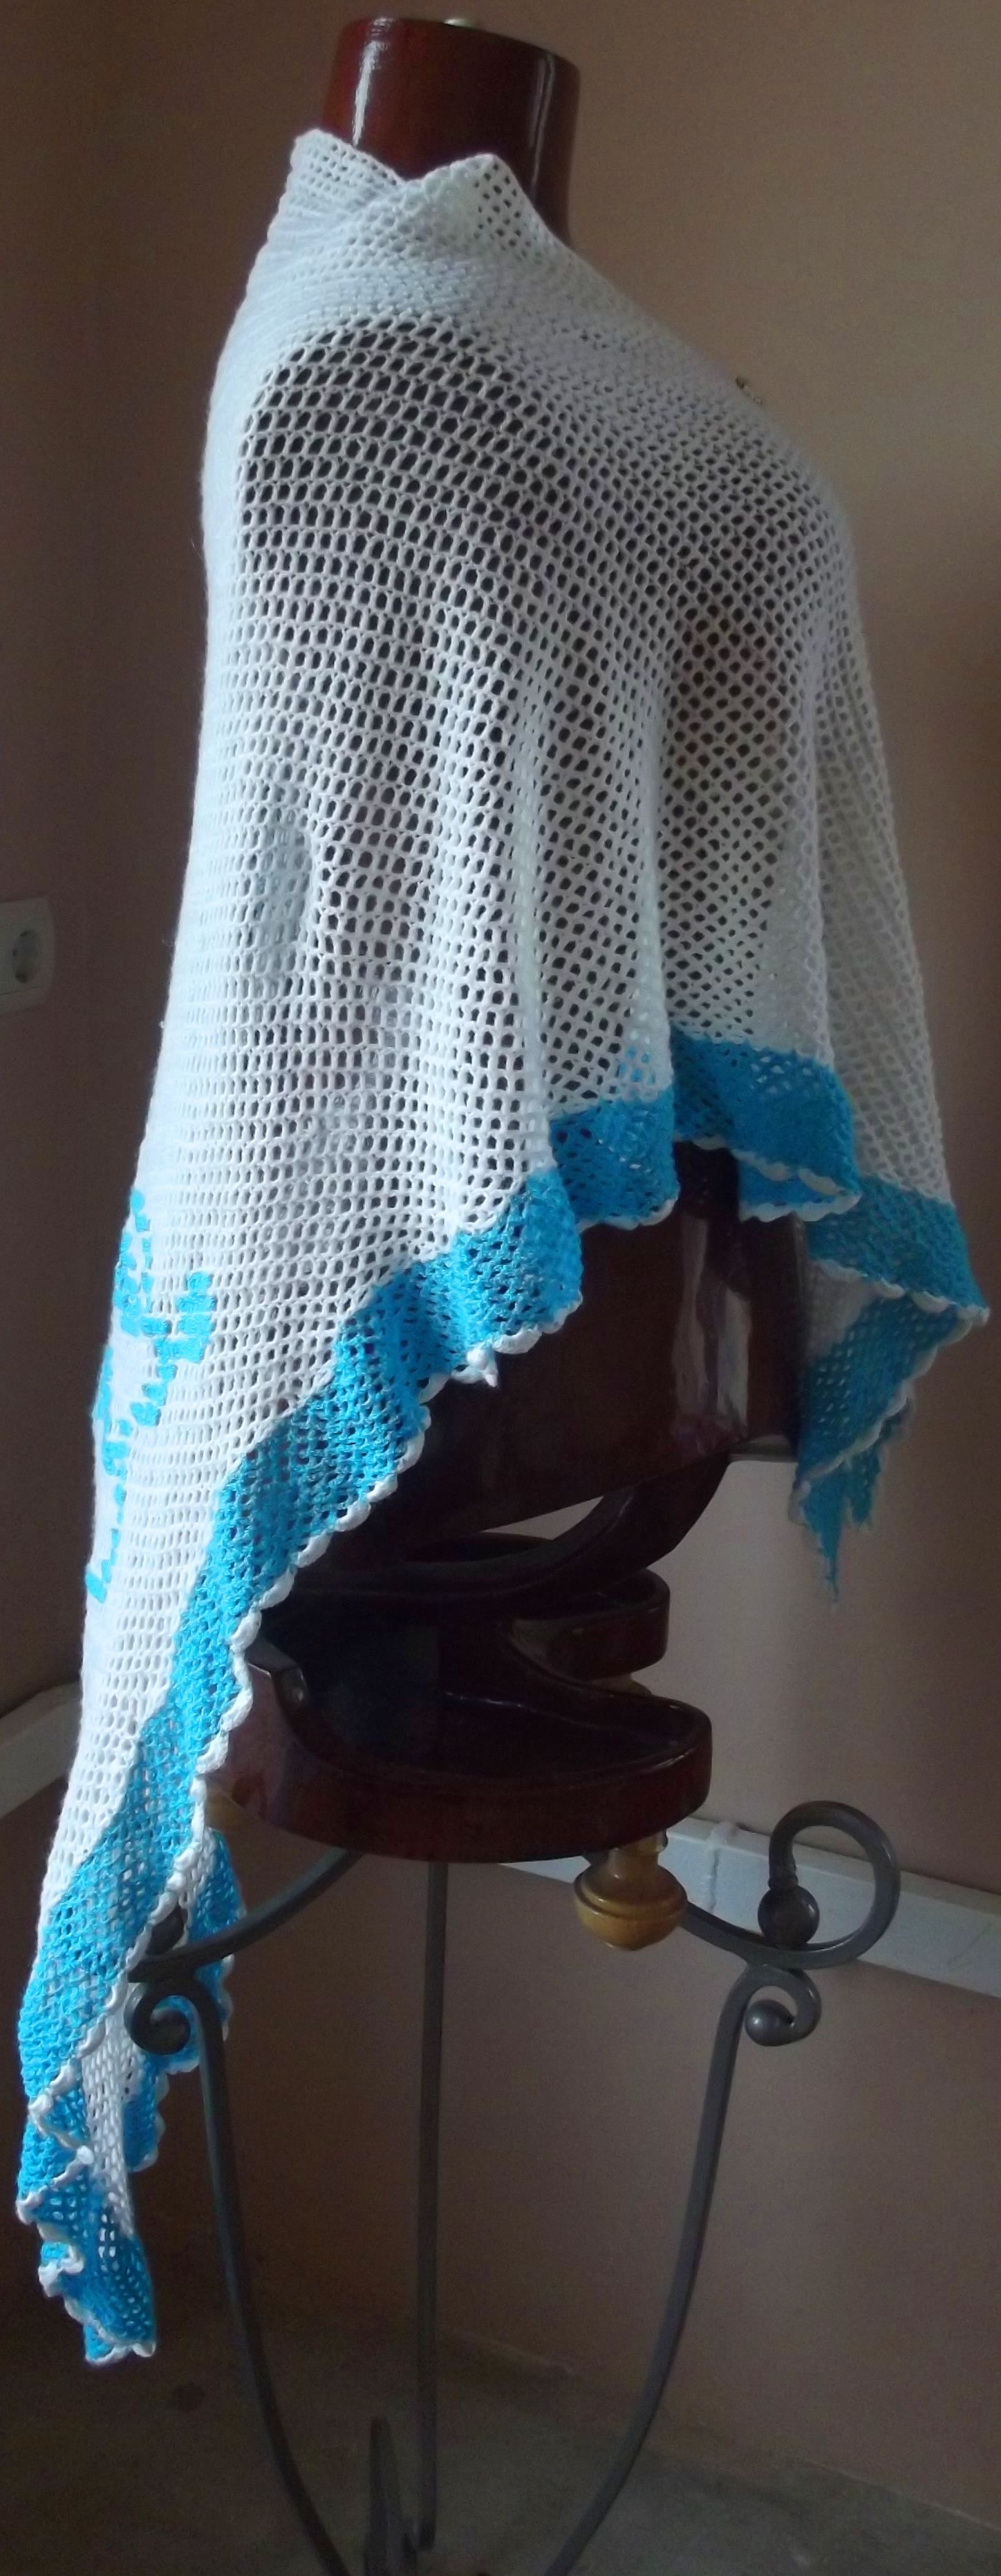 крючком шаль работа орнаментом вышивка вышивкой ручная цветная вязание филейная